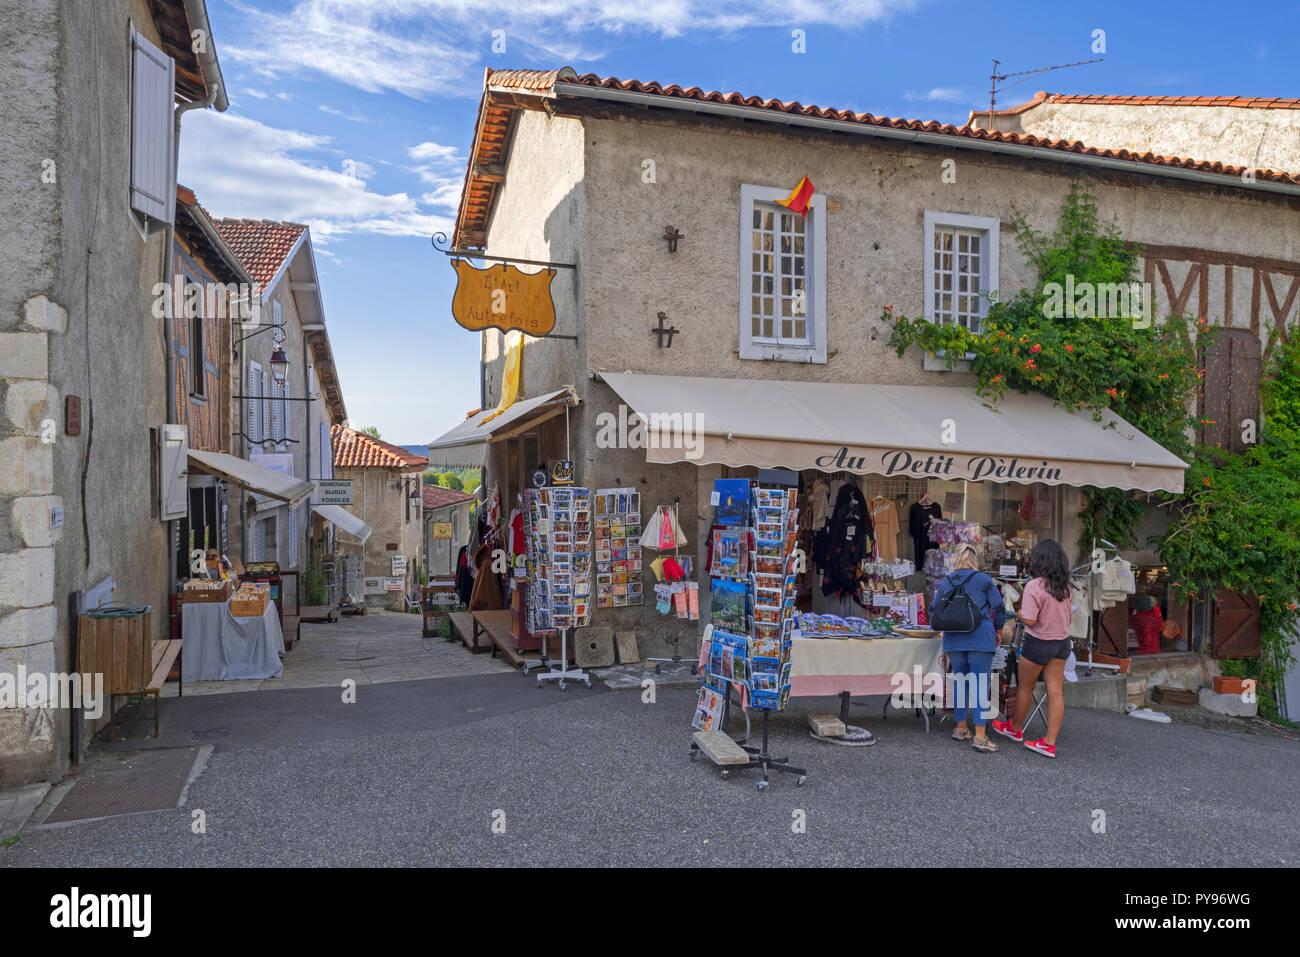 Souvenir shop in the medieval village Saint-Bertrand-de-Comminges, Haute-Garonne, Pyrenees, France - Stock Image